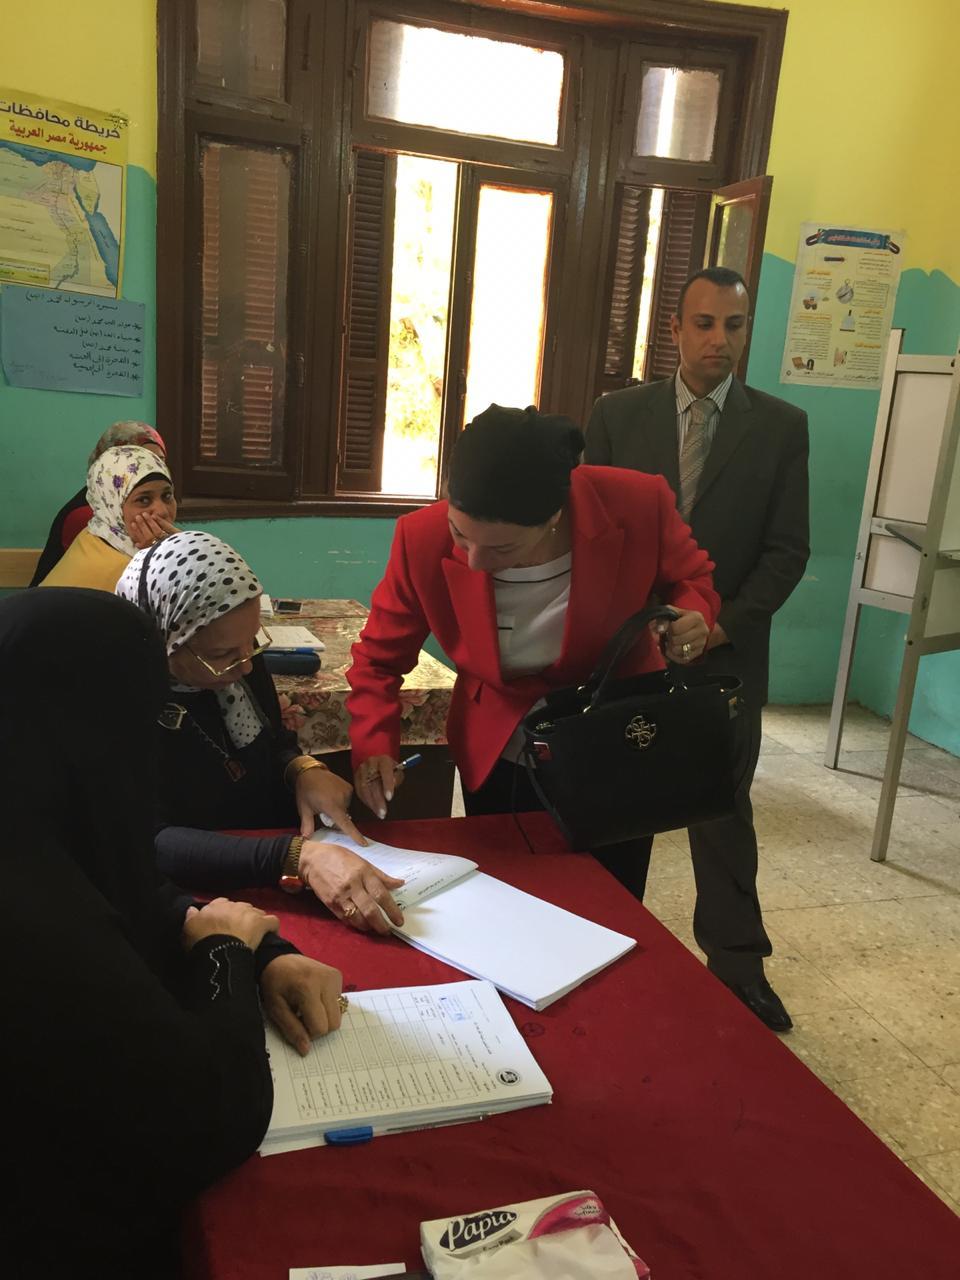 الدكتورة ياسمين فؤاد وزيرة البيئة تدلى بصوتها في الاستفتاء (1)